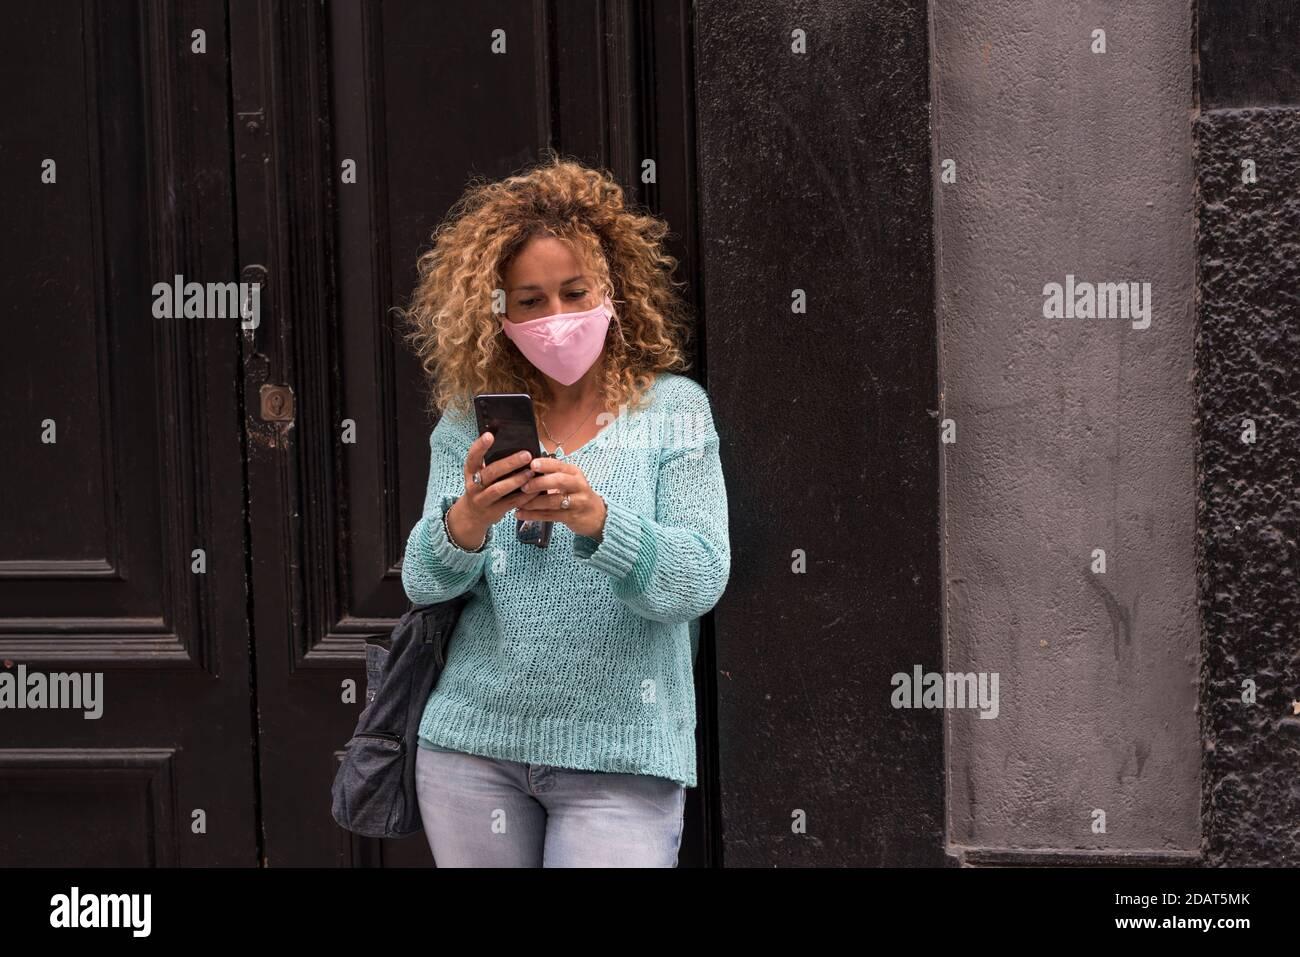 Donna adulta indossare maschera di protezione contro l'emergenza del virus del coronavirus covid-19 - proteggiti le persone con l'accessorio antivirus - femmina in città Foto Stock